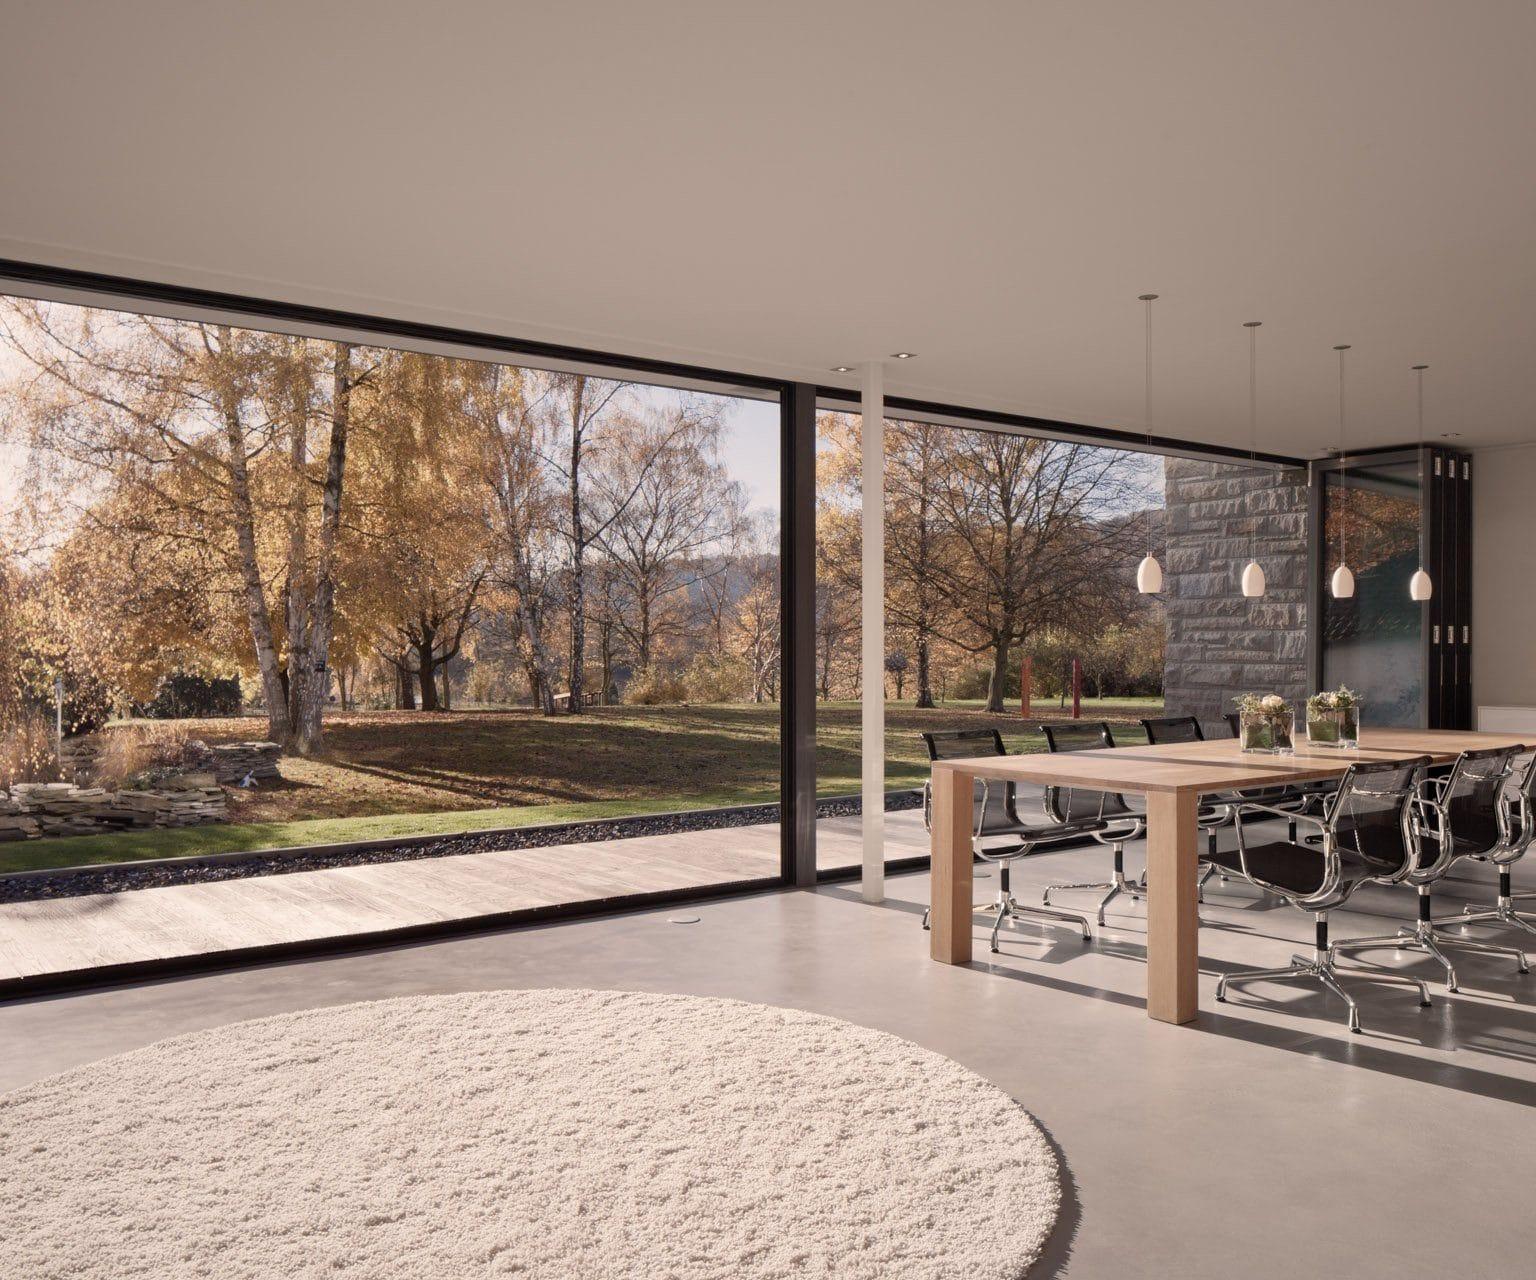 Solarlux Ecoline bifolding doors